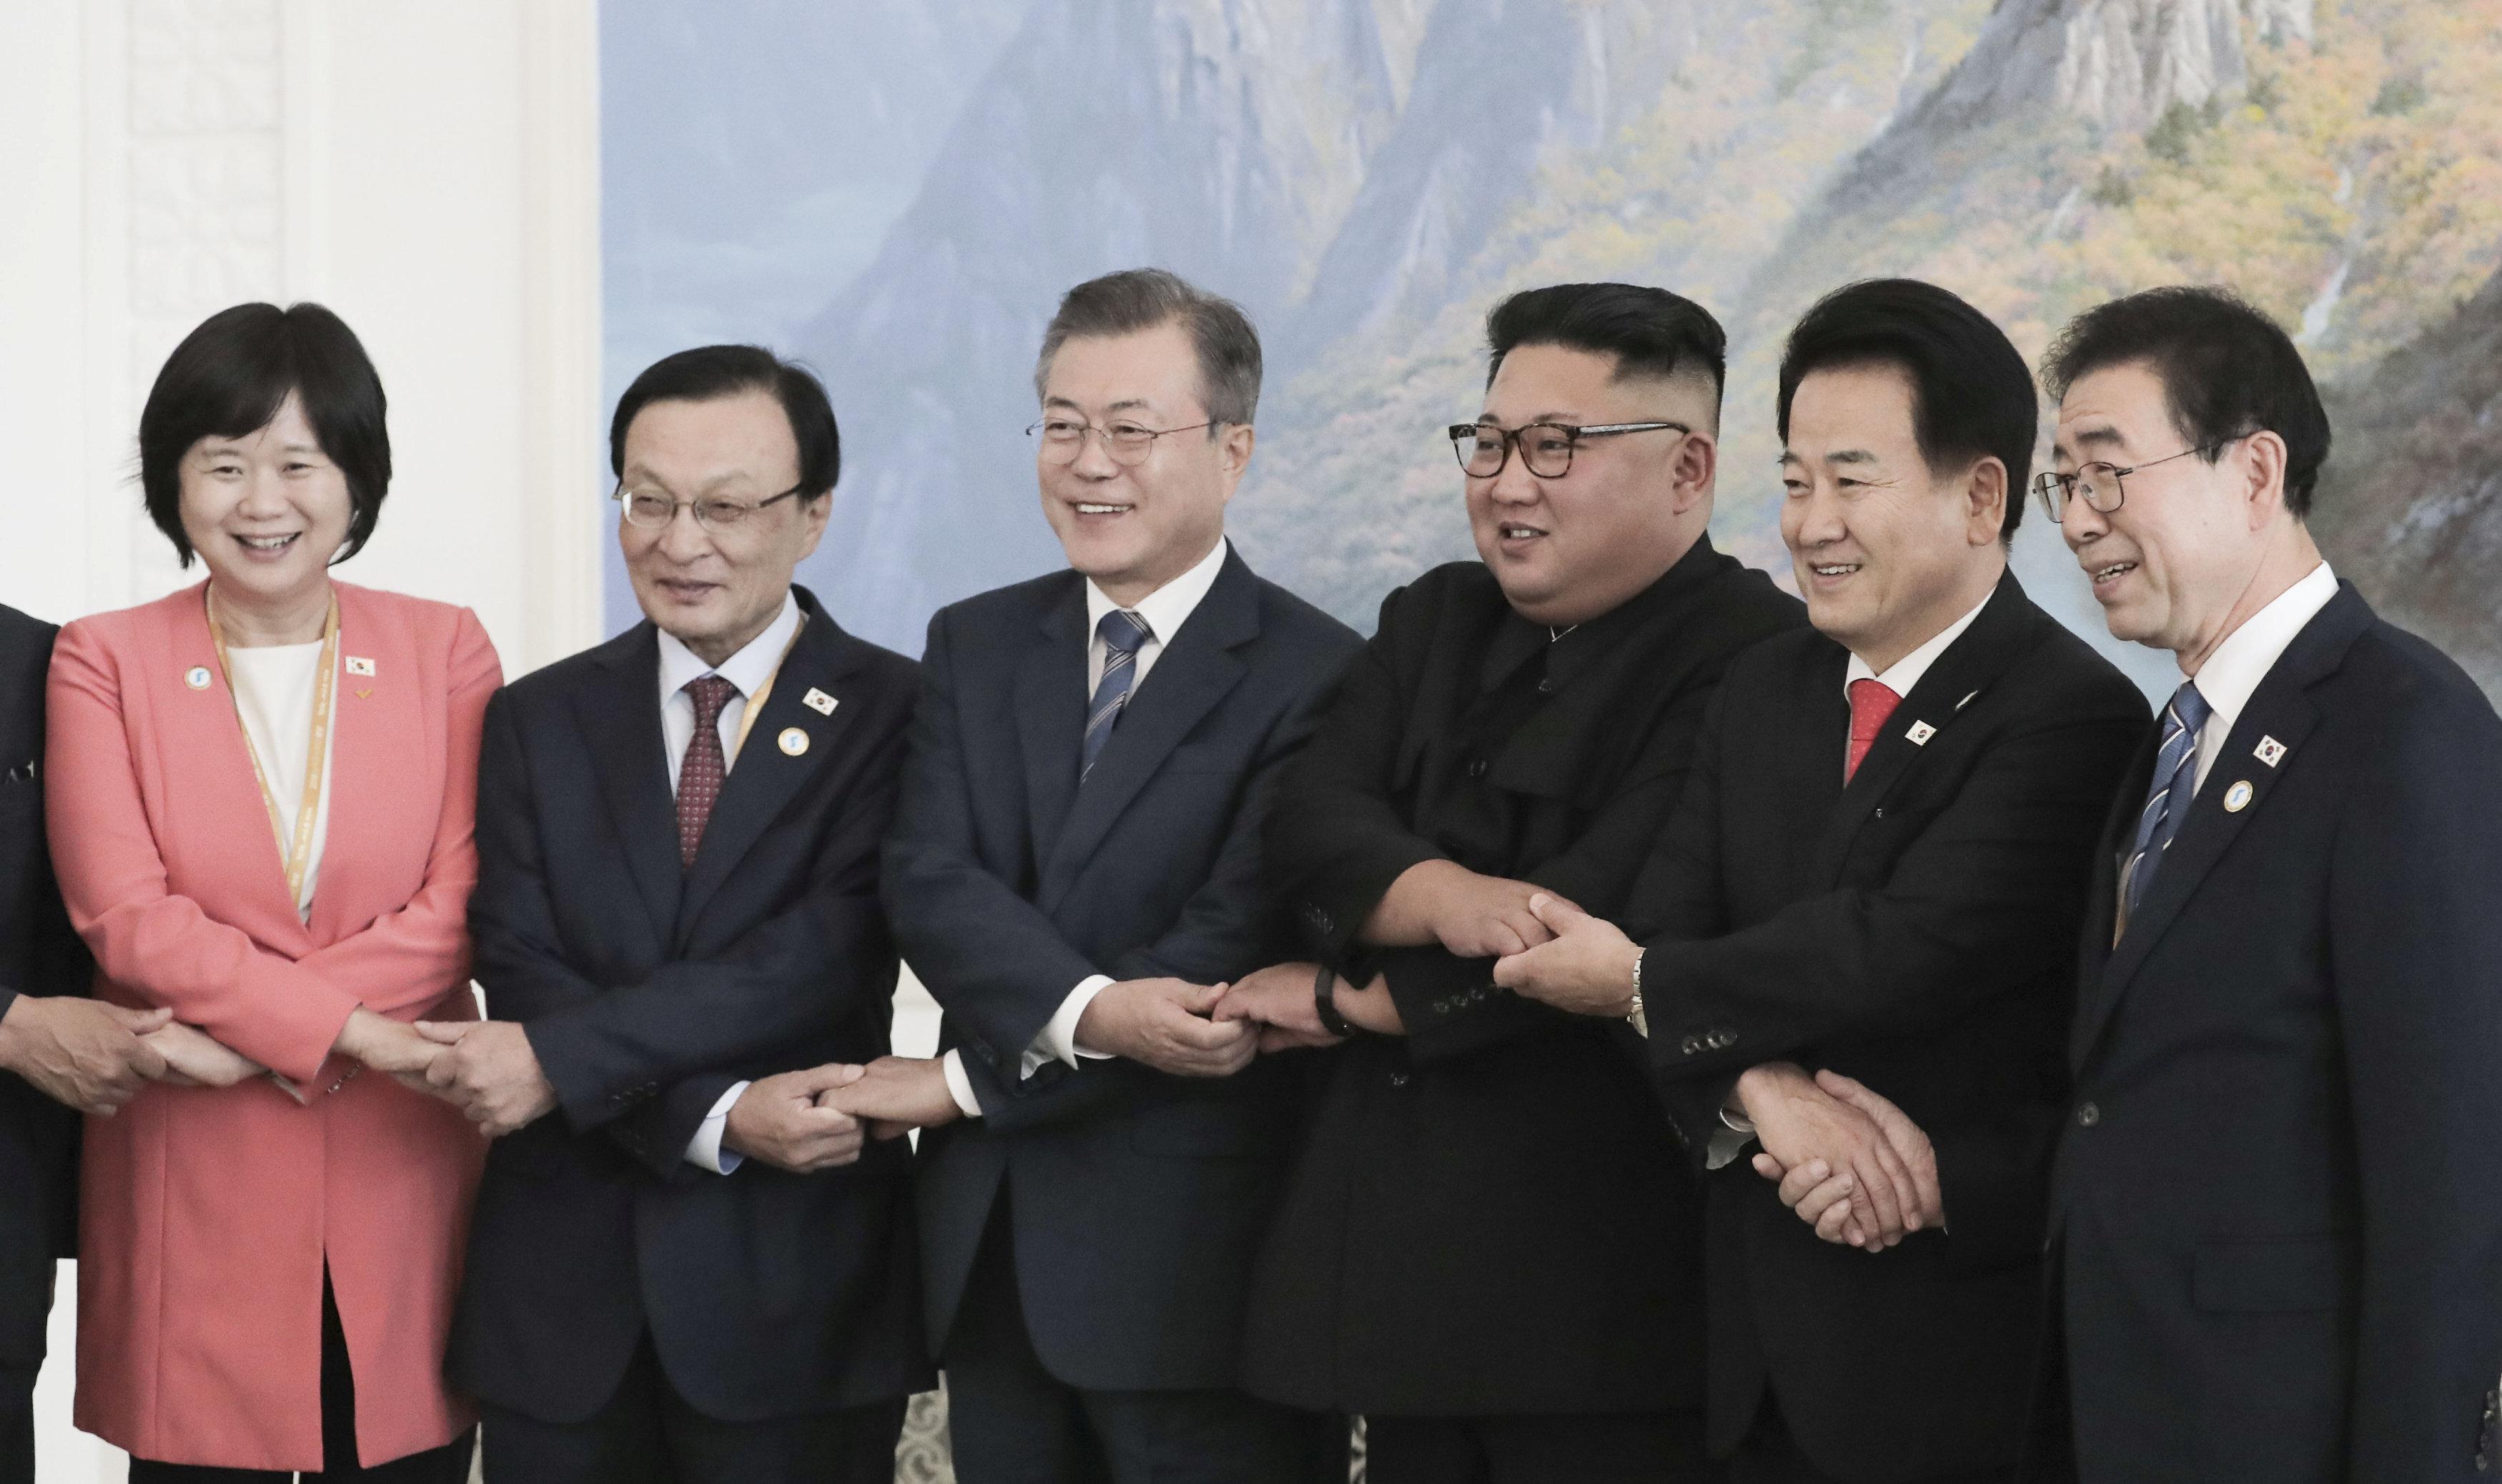 صورة تذكارية بين زعيم كوريا الشمالية والوفد الكورى الجنوبى